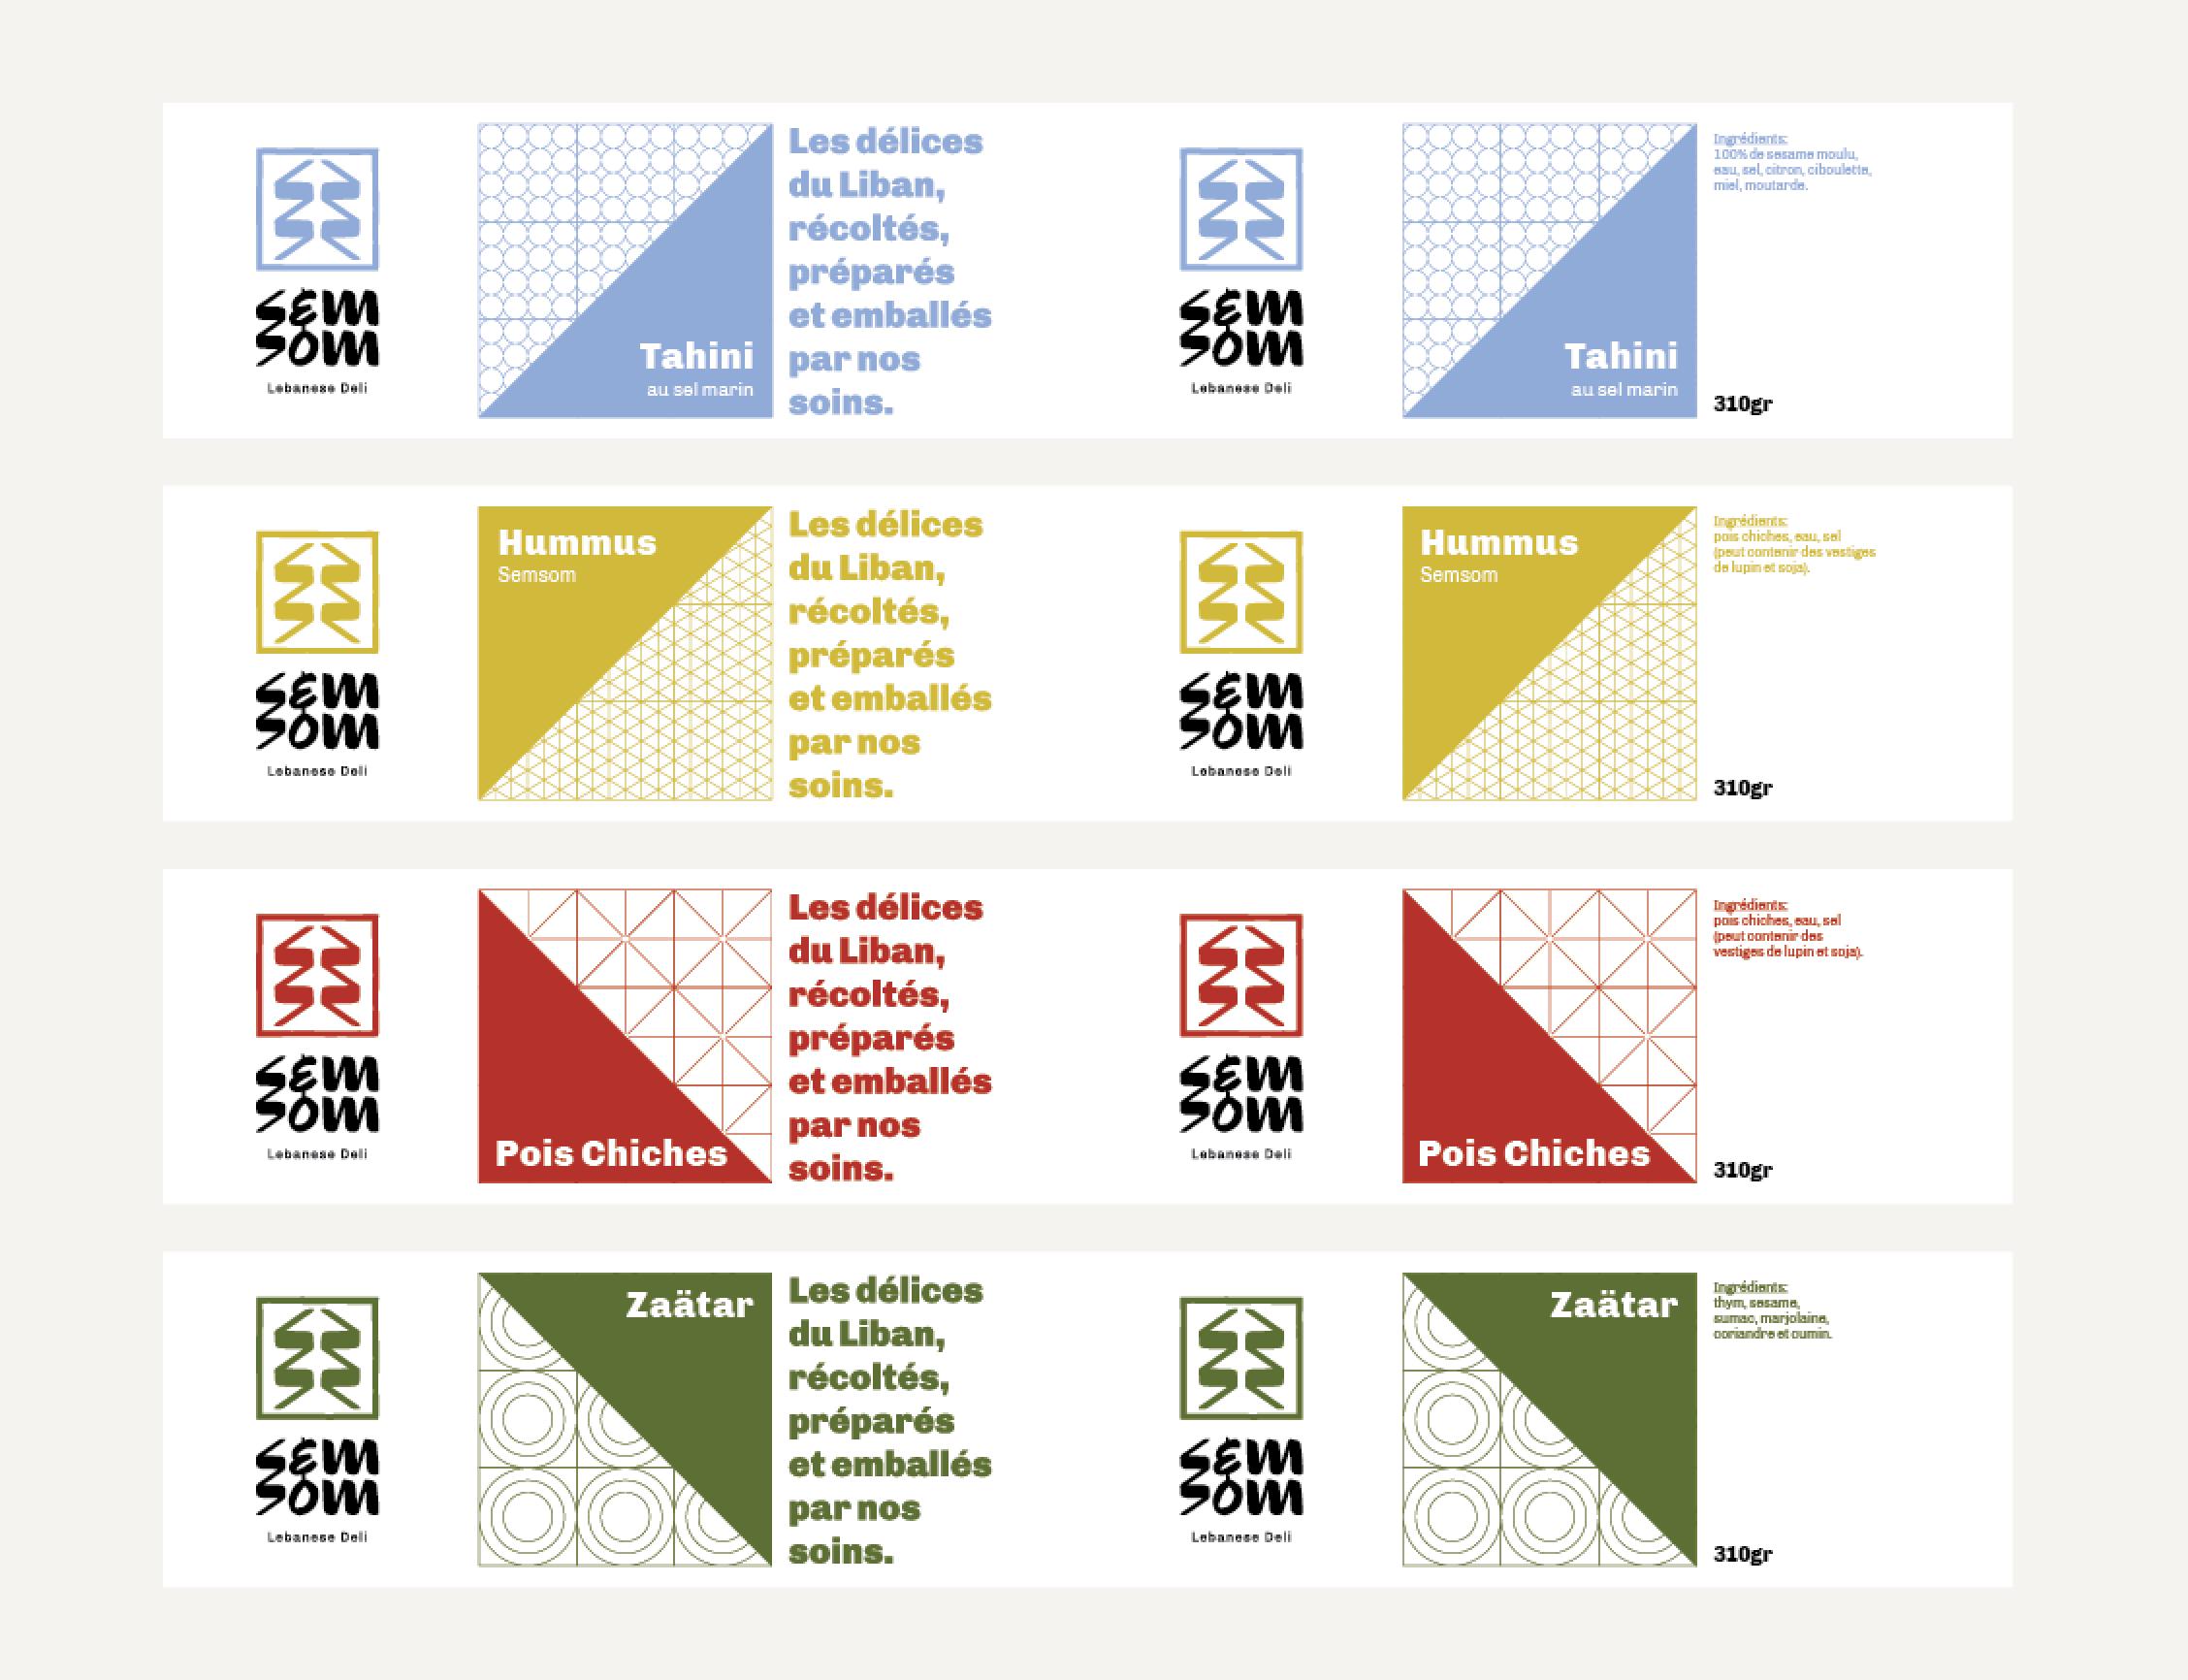 vlevle-semsom-graphic_design-pacjaging.png